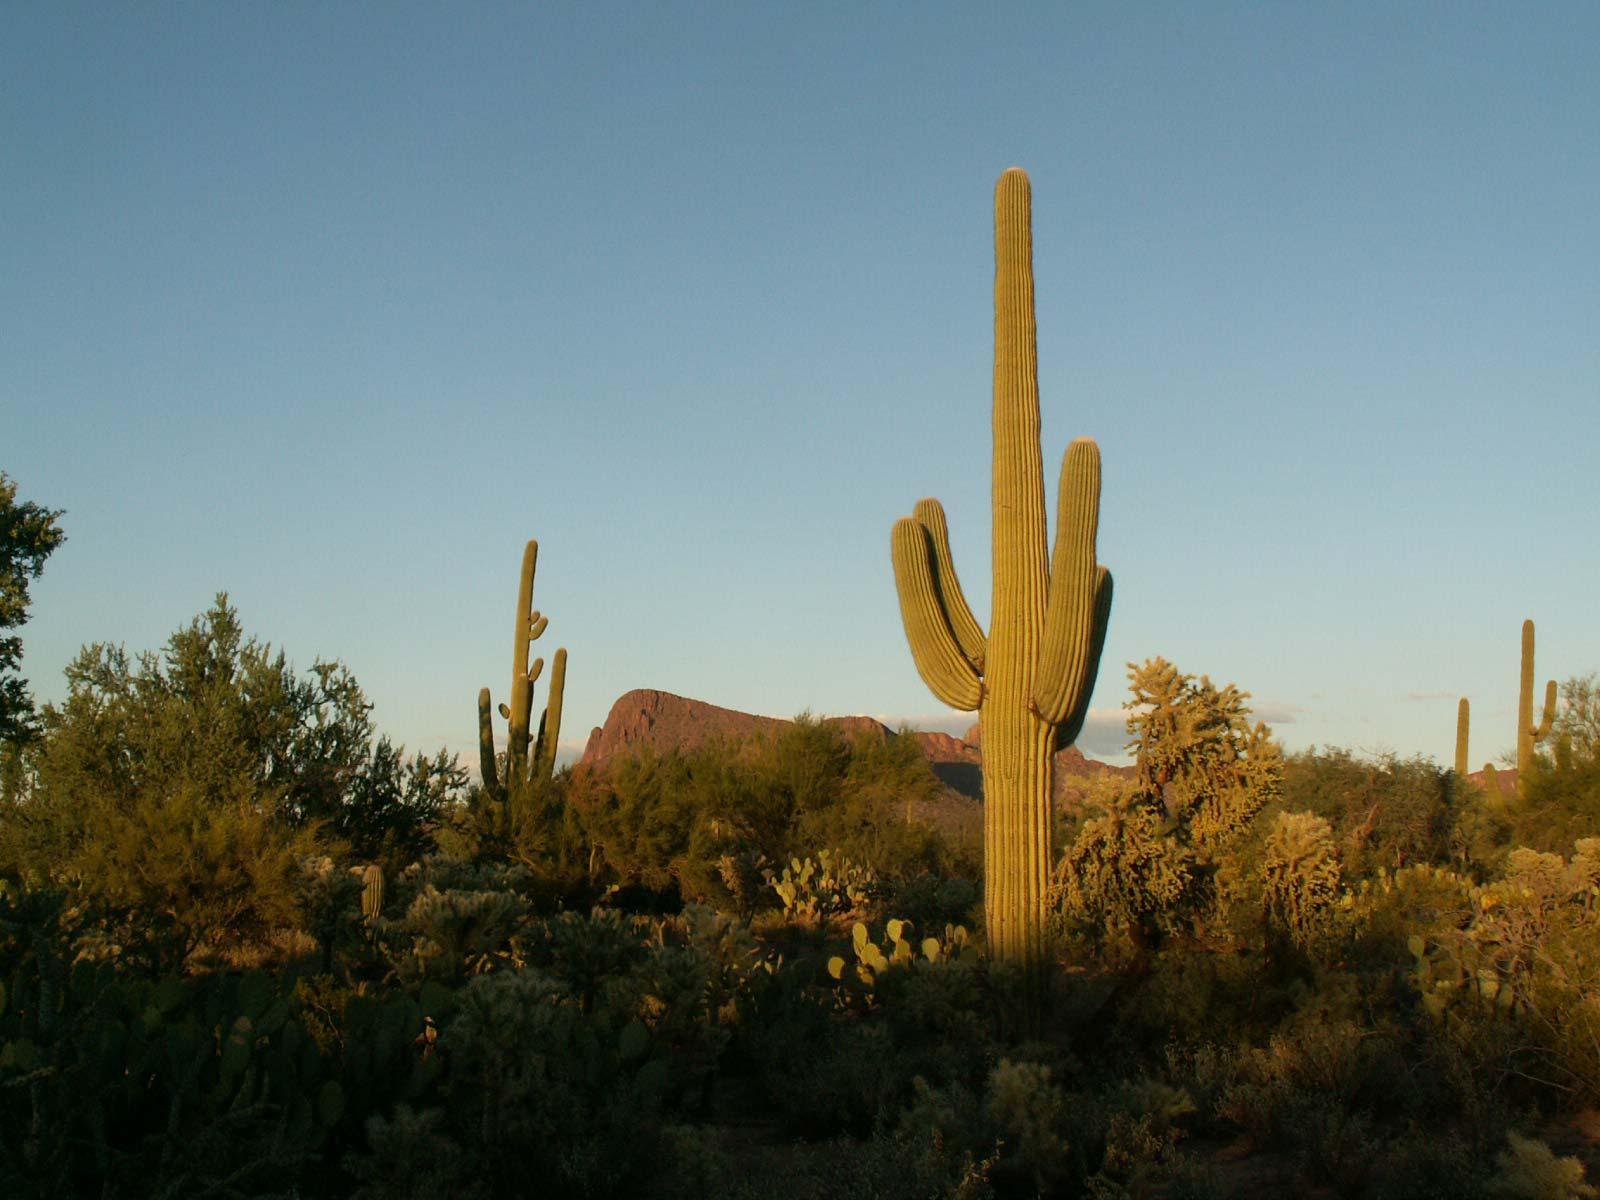 Saguaro gigante del desierto garden catalunya plants - Informacion sobre los cactus ...